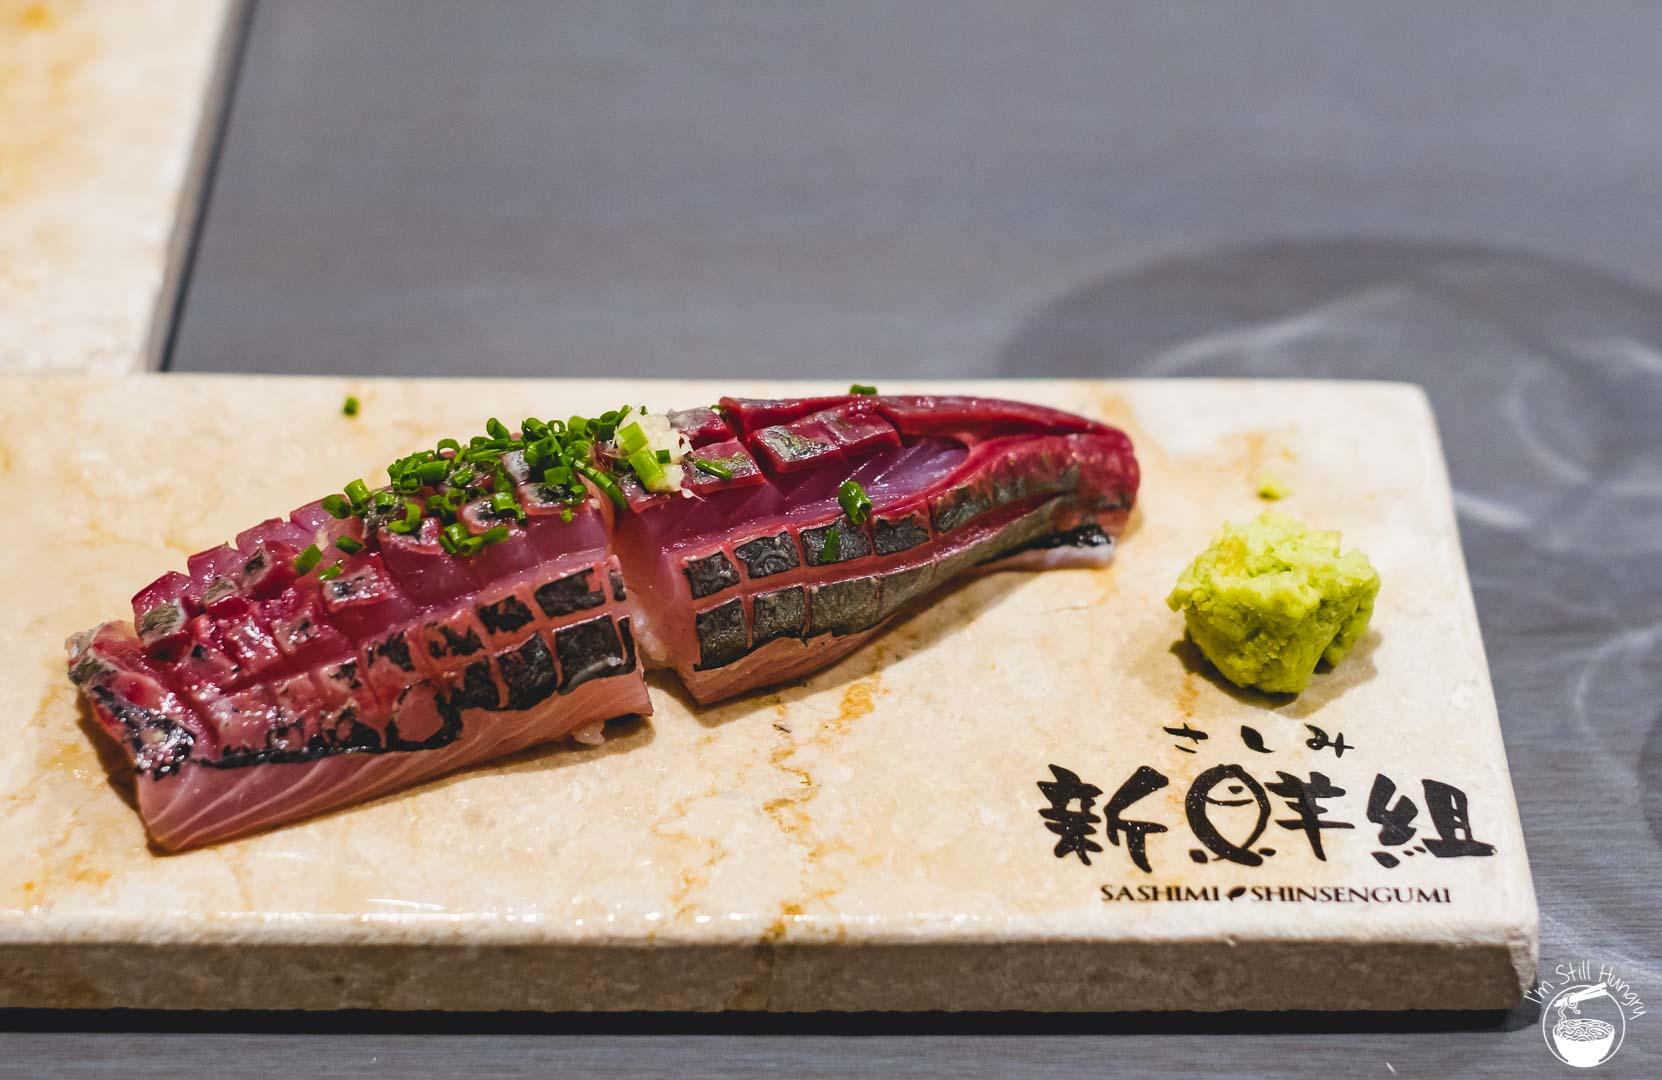 Sashimi Shinsengumi Crows Nest Sushi Omakase Mackerel